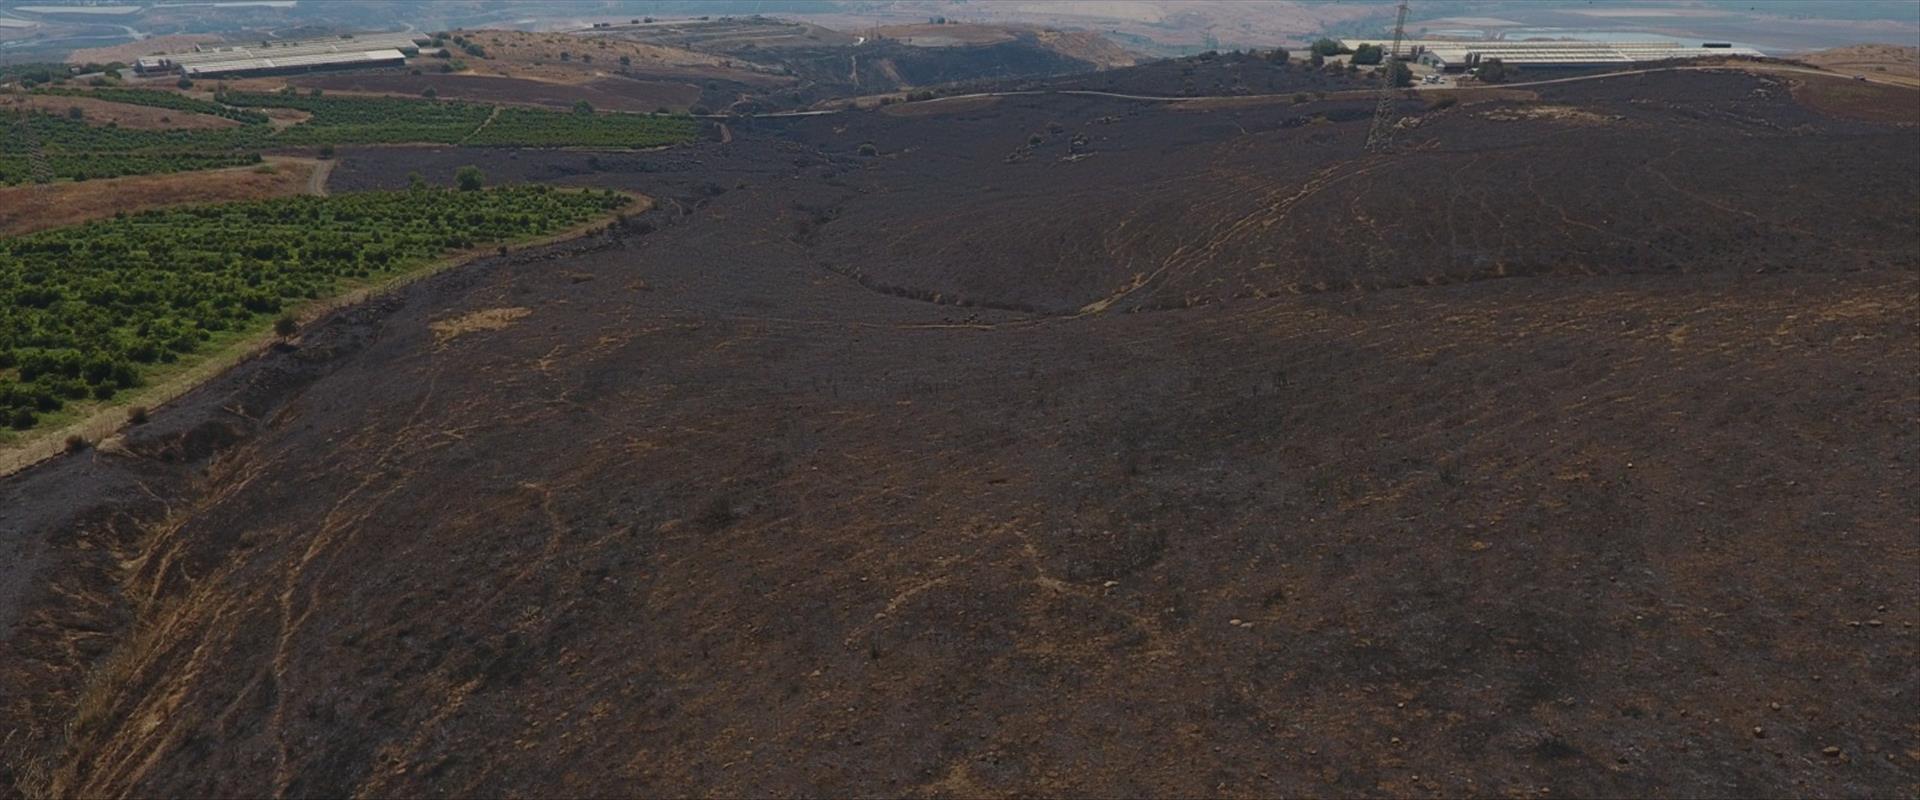 נזקי השריפות בגליל התחתון ובגולן